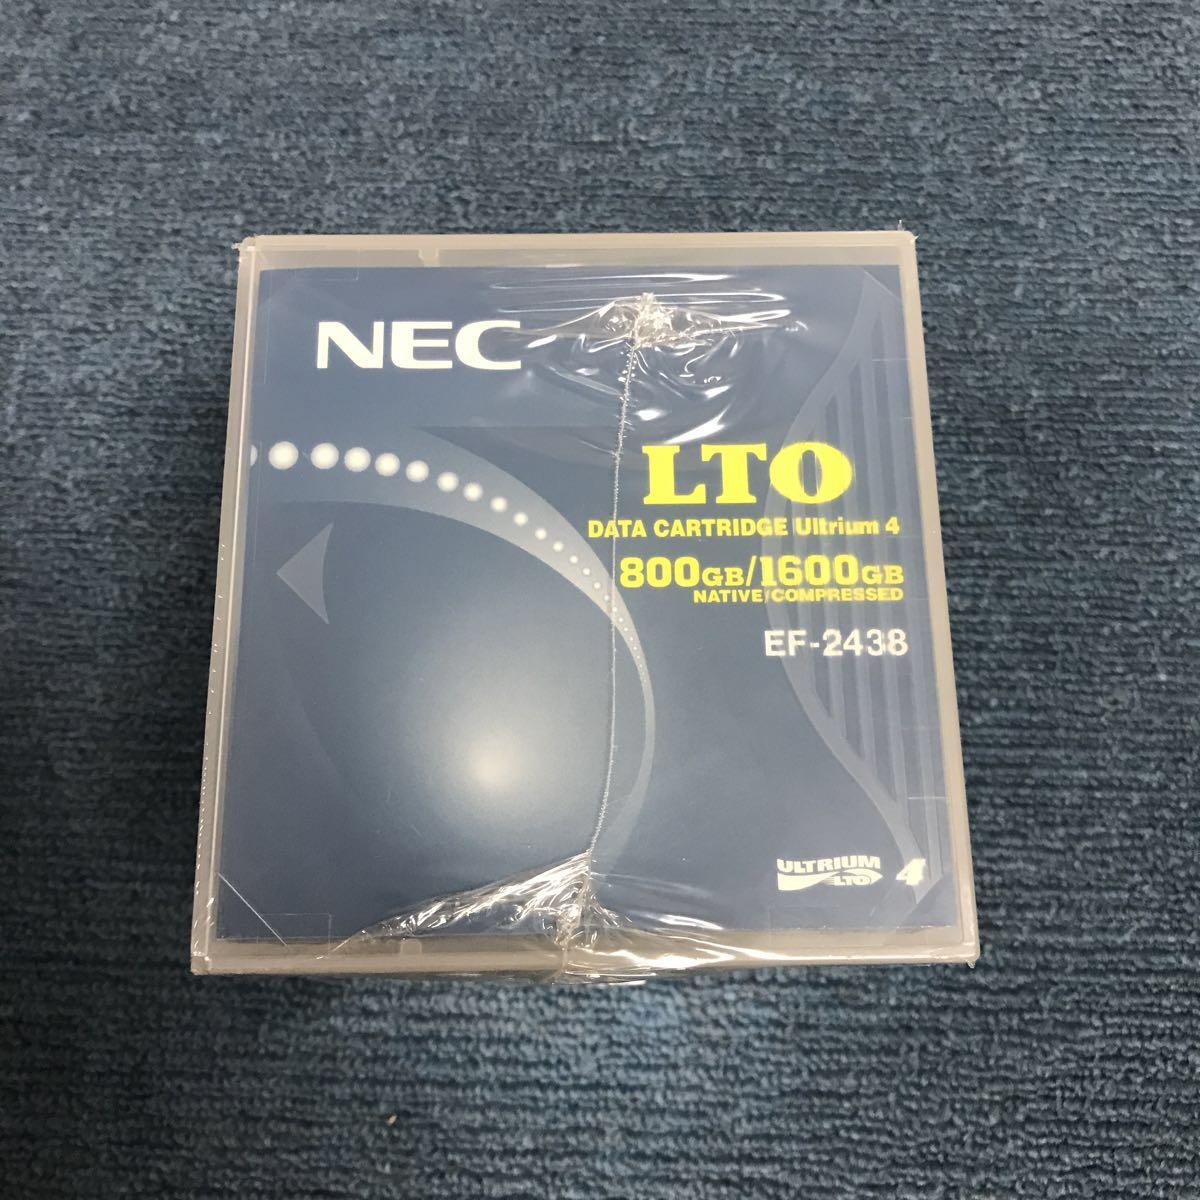 ☆新品未使用 NEC LTO DATA CARTRIDGE Ultrium 4 EF-24380 5個セット☆